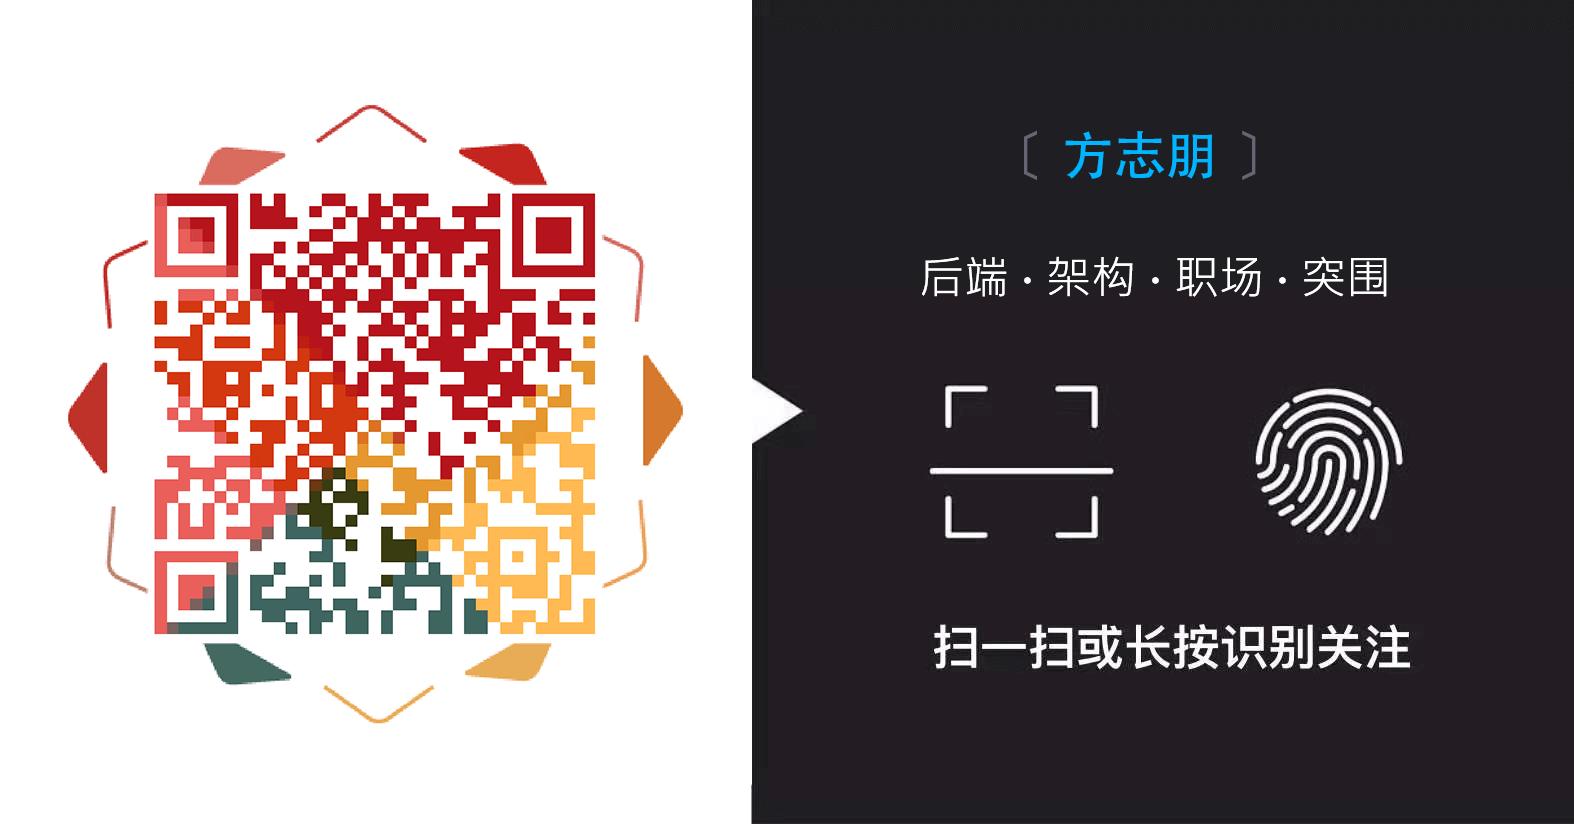 JS中文网,Javascriptc中文网是中国领先的新一代开发者社区和专业的技术媒体,一个帮助开发者成长的社区,是给开发者用的 Hacker News,技术文章由为你筛选出最优质的干货,其中包括:Android、iOS、前端、后端等方面的内容。目前已经覆盖和服务了超过 300 万开发者,你每天都可以在这里找到技术世界的头条内容。